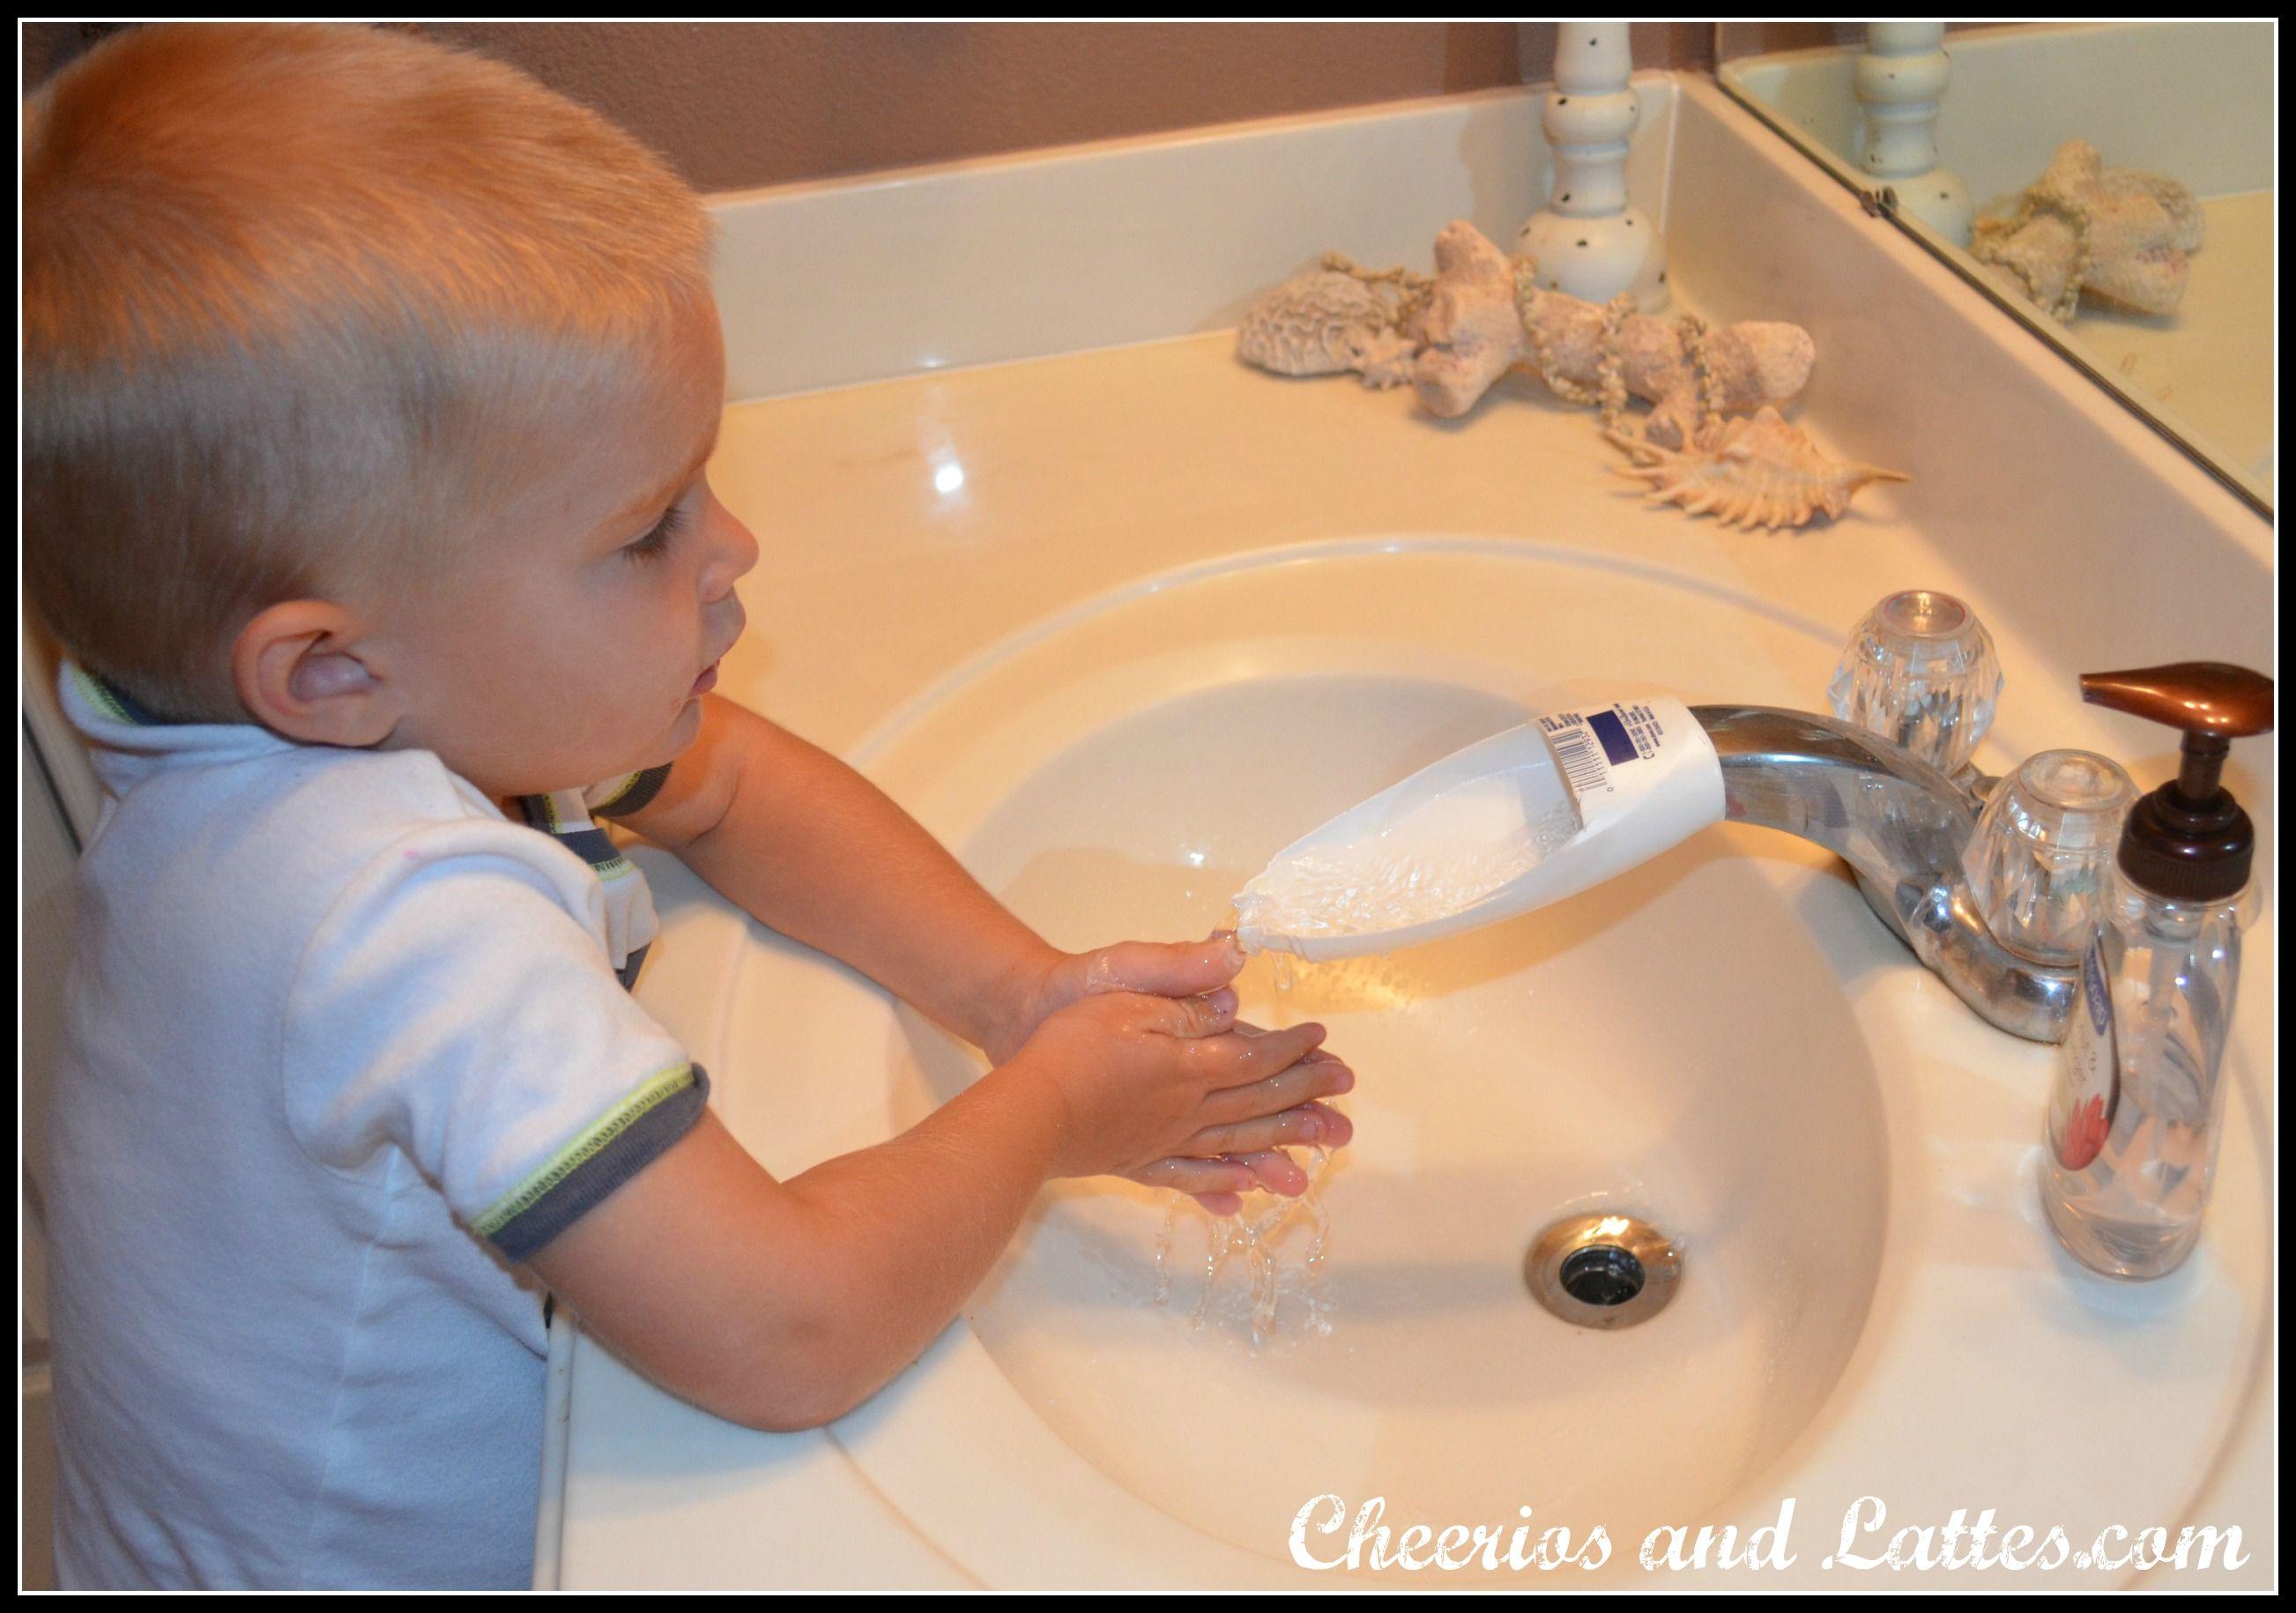 faucet extender shampoo bottles